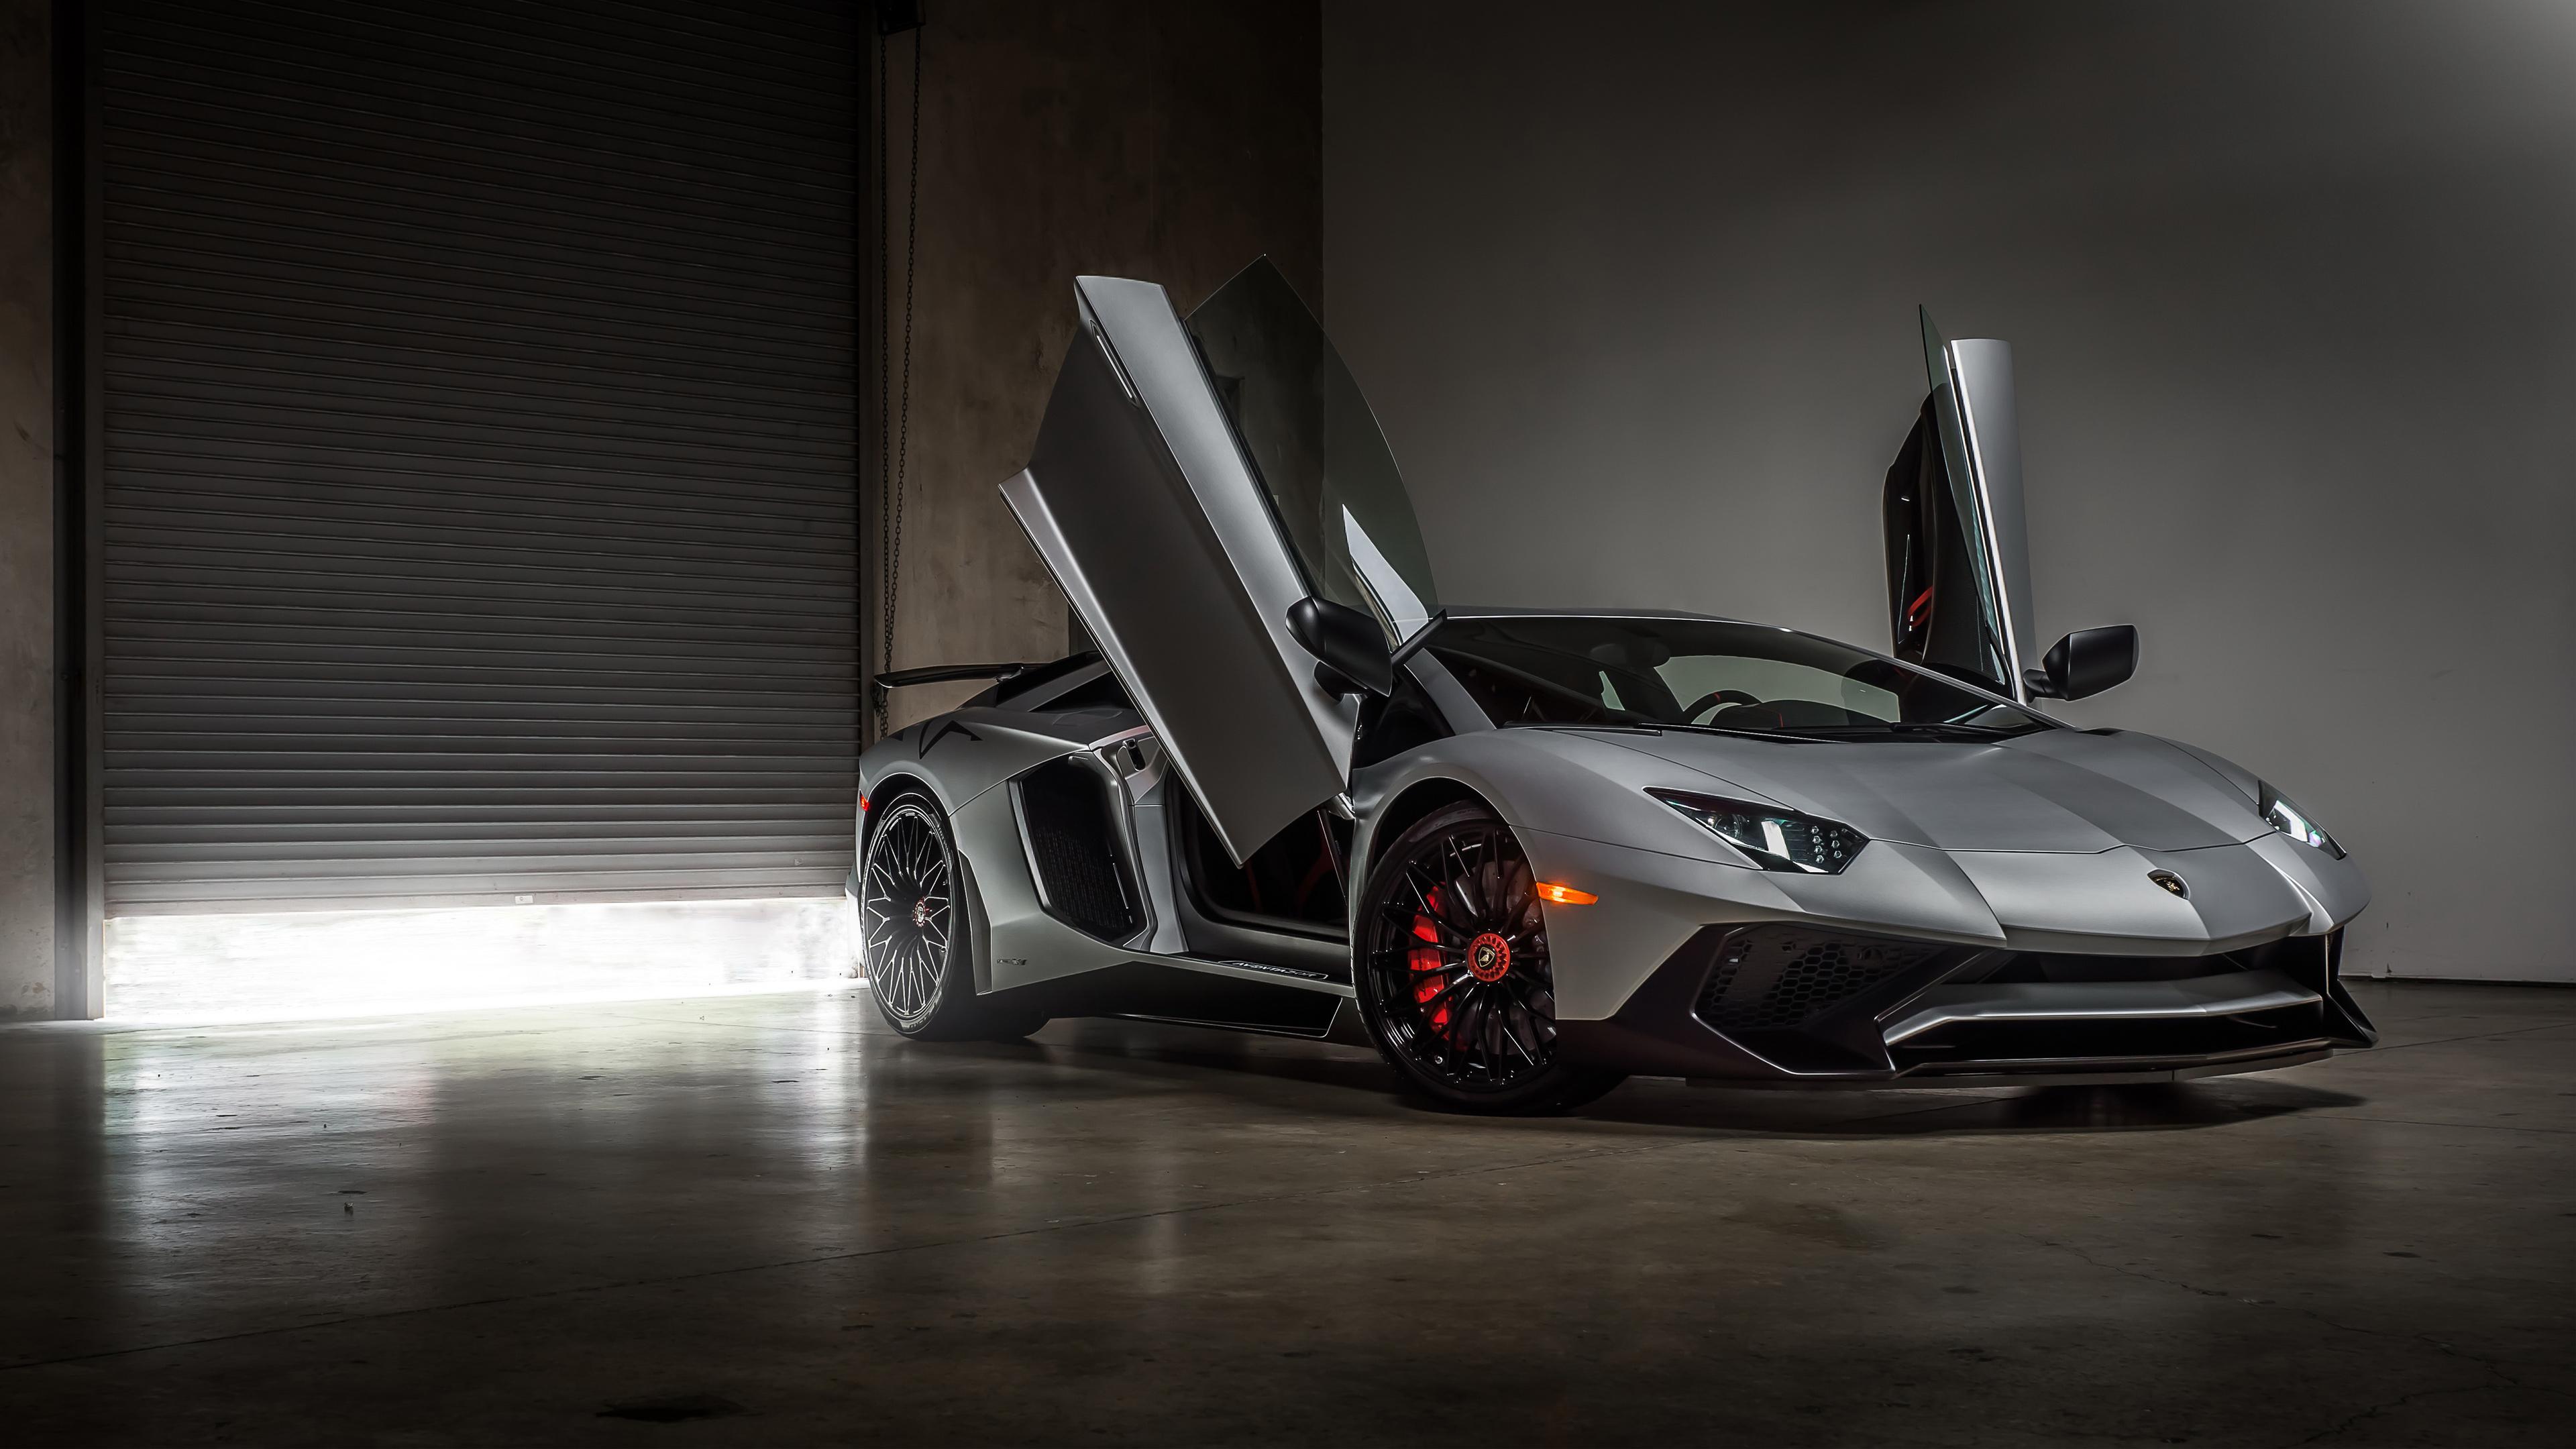 Lamborghini Aventador Superveloce Coupe 4K